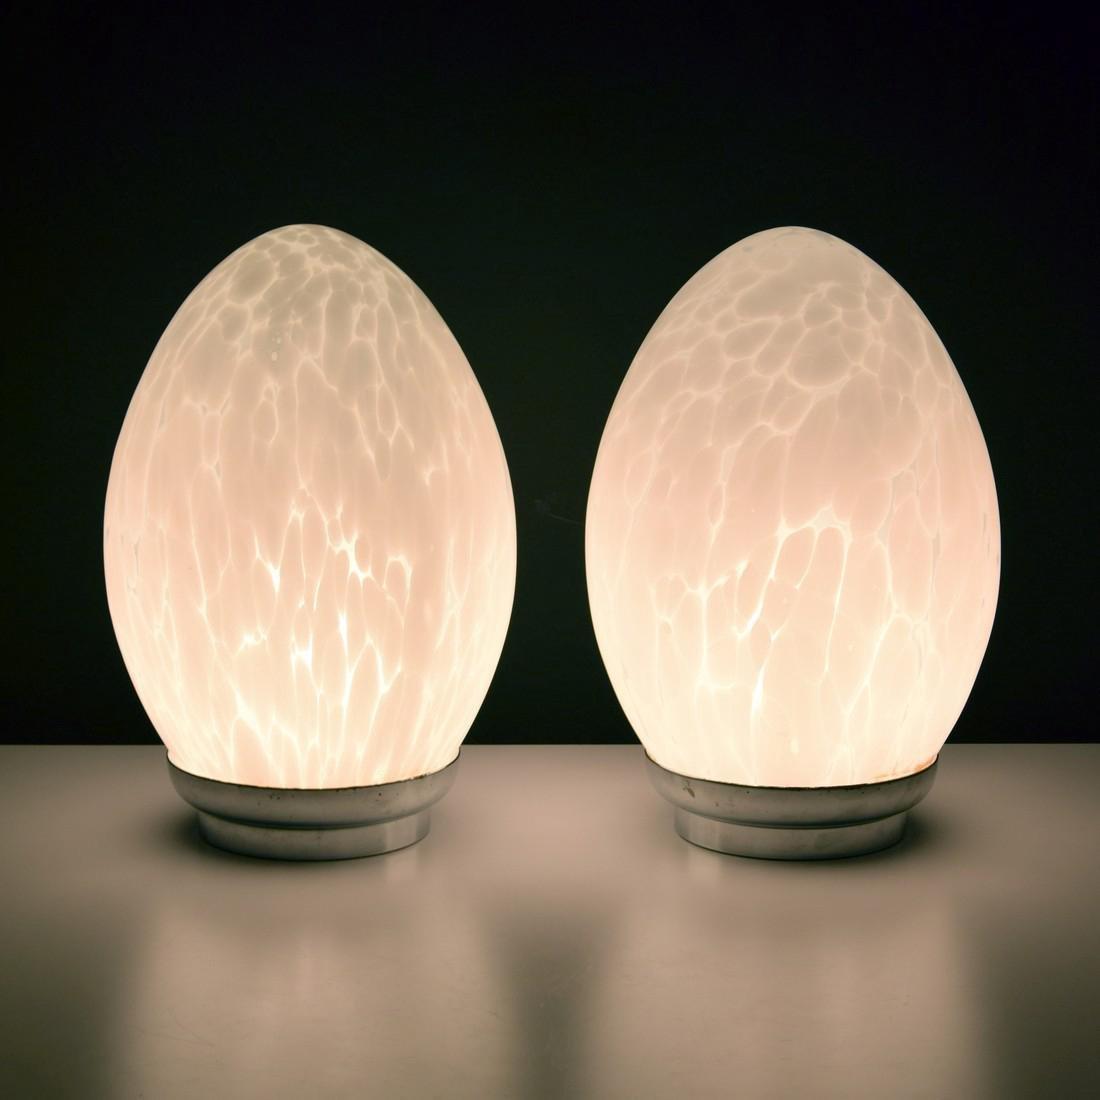 Pair of Murano Egg Lamps